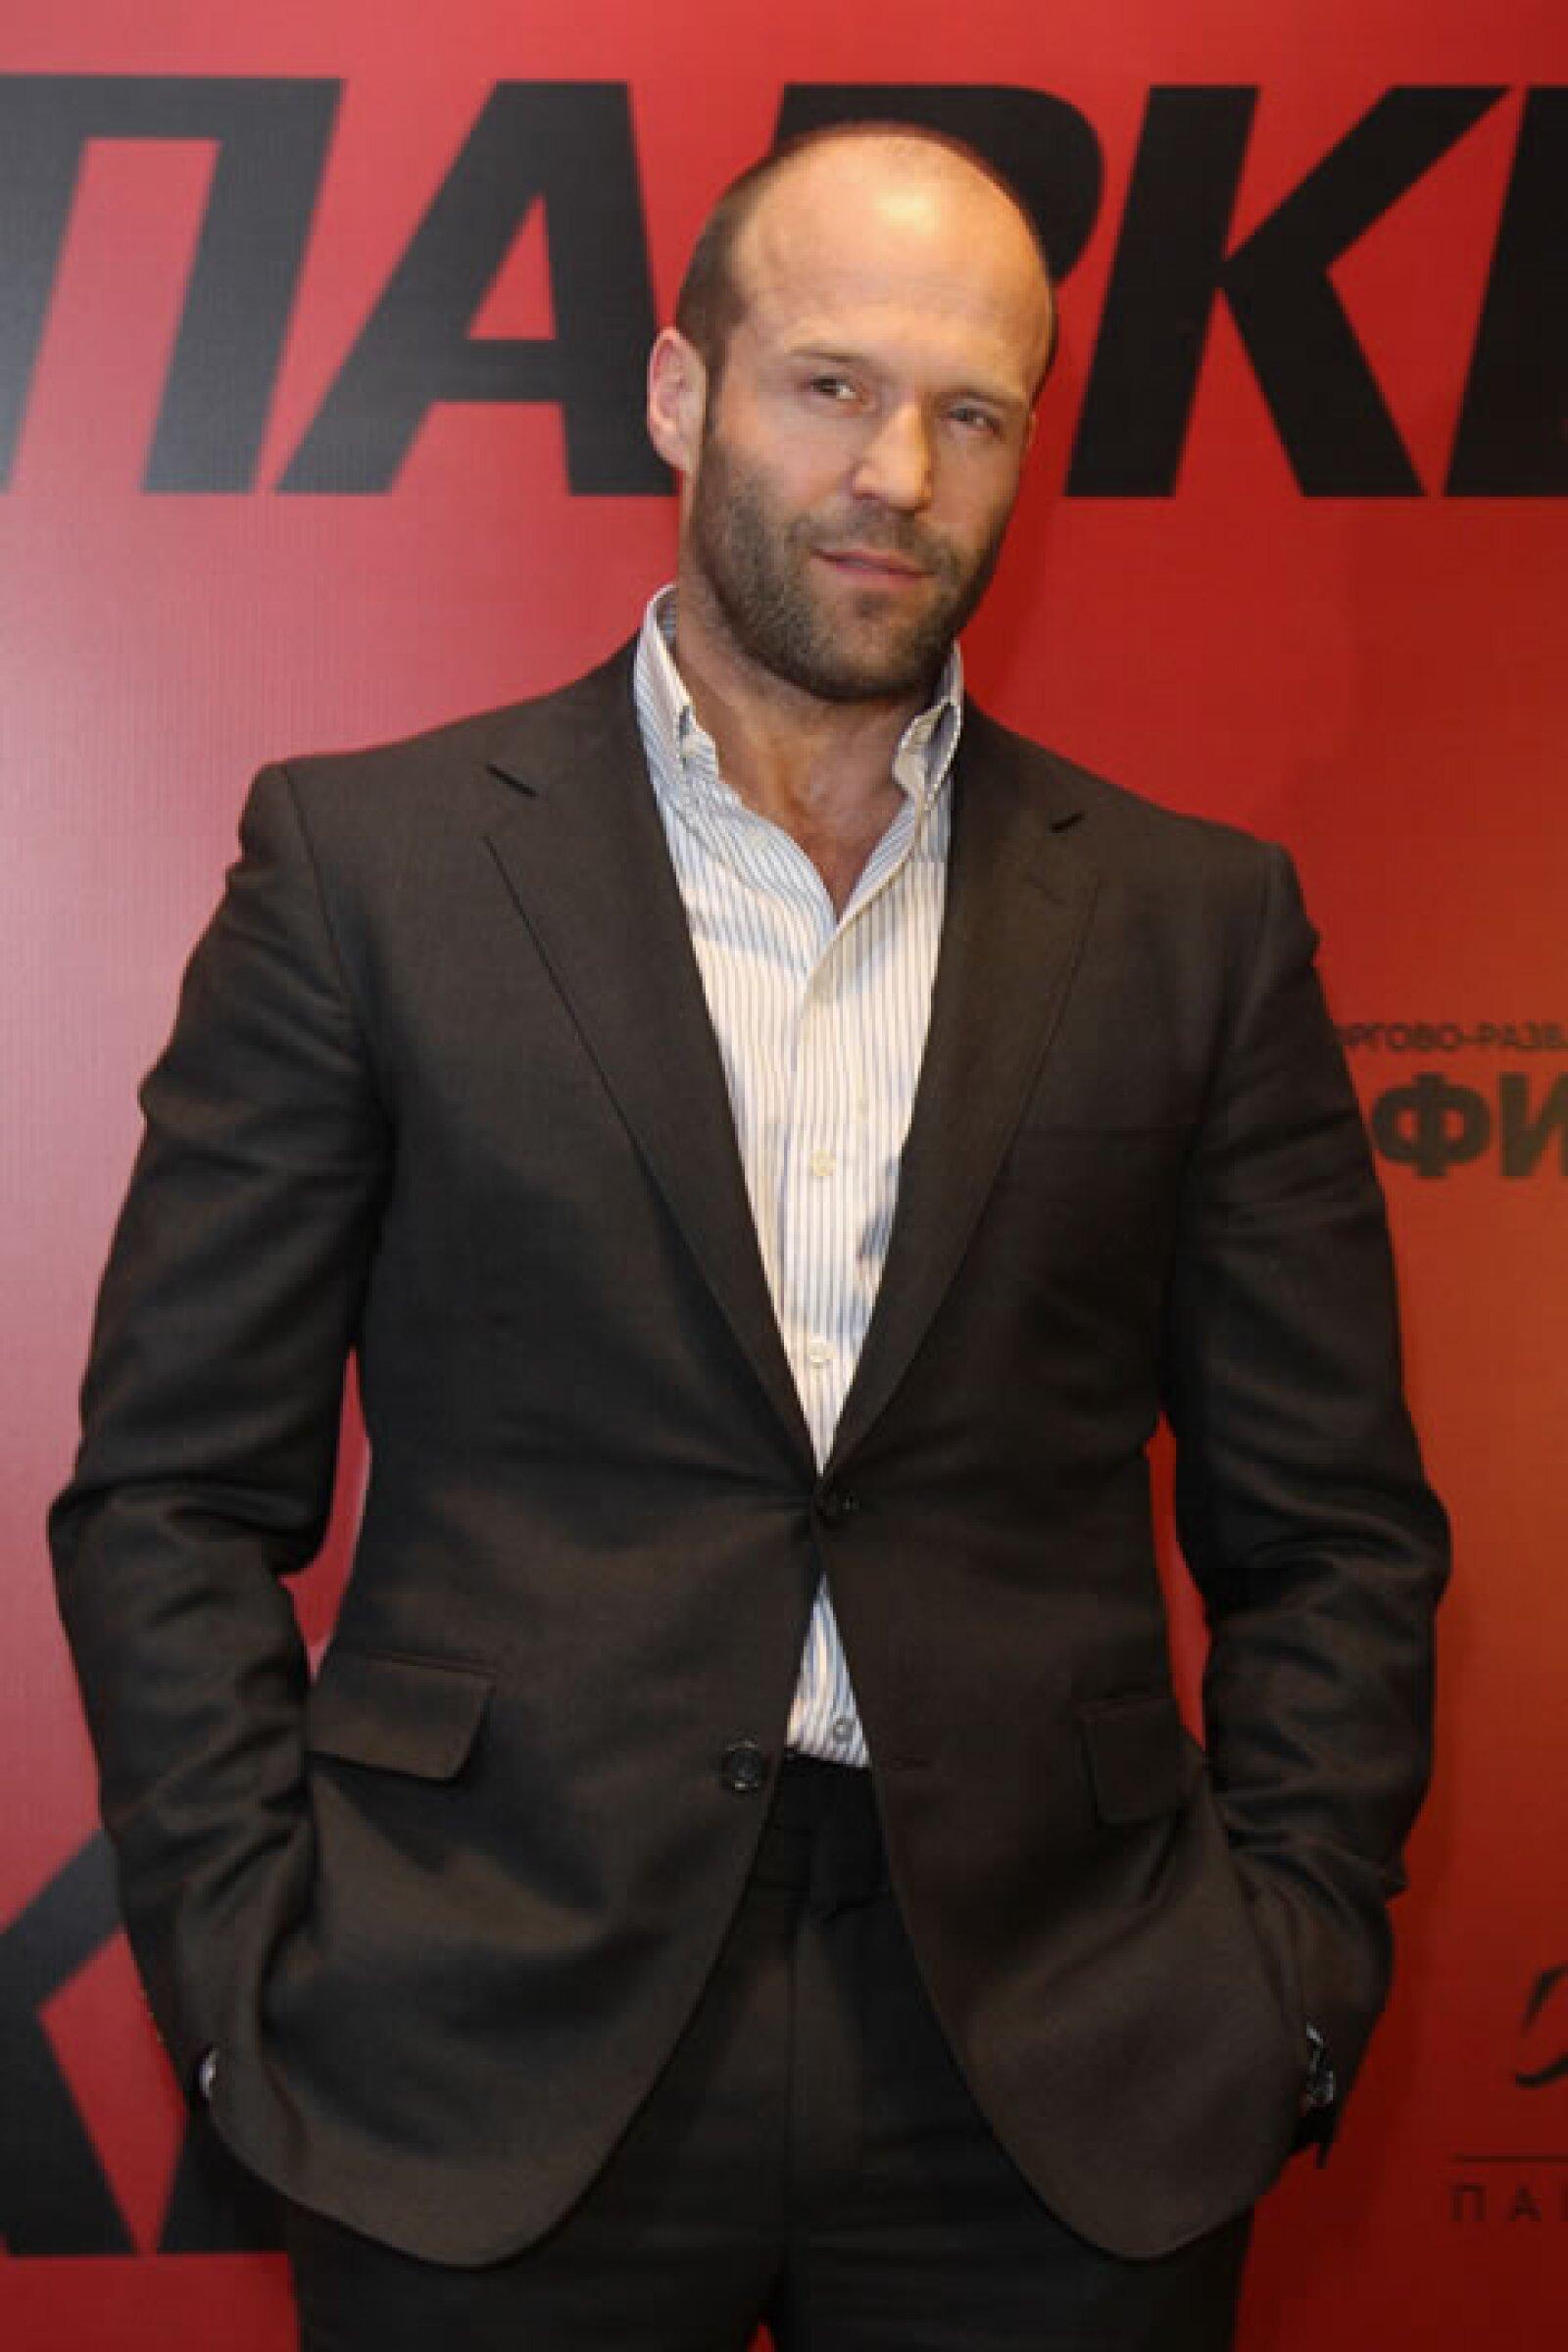 Héroe de acción, novio de Rosie Huntington-Whiteley, él es Jason Statham quien a sus 45 años sigue siendo el sueño de muchos.